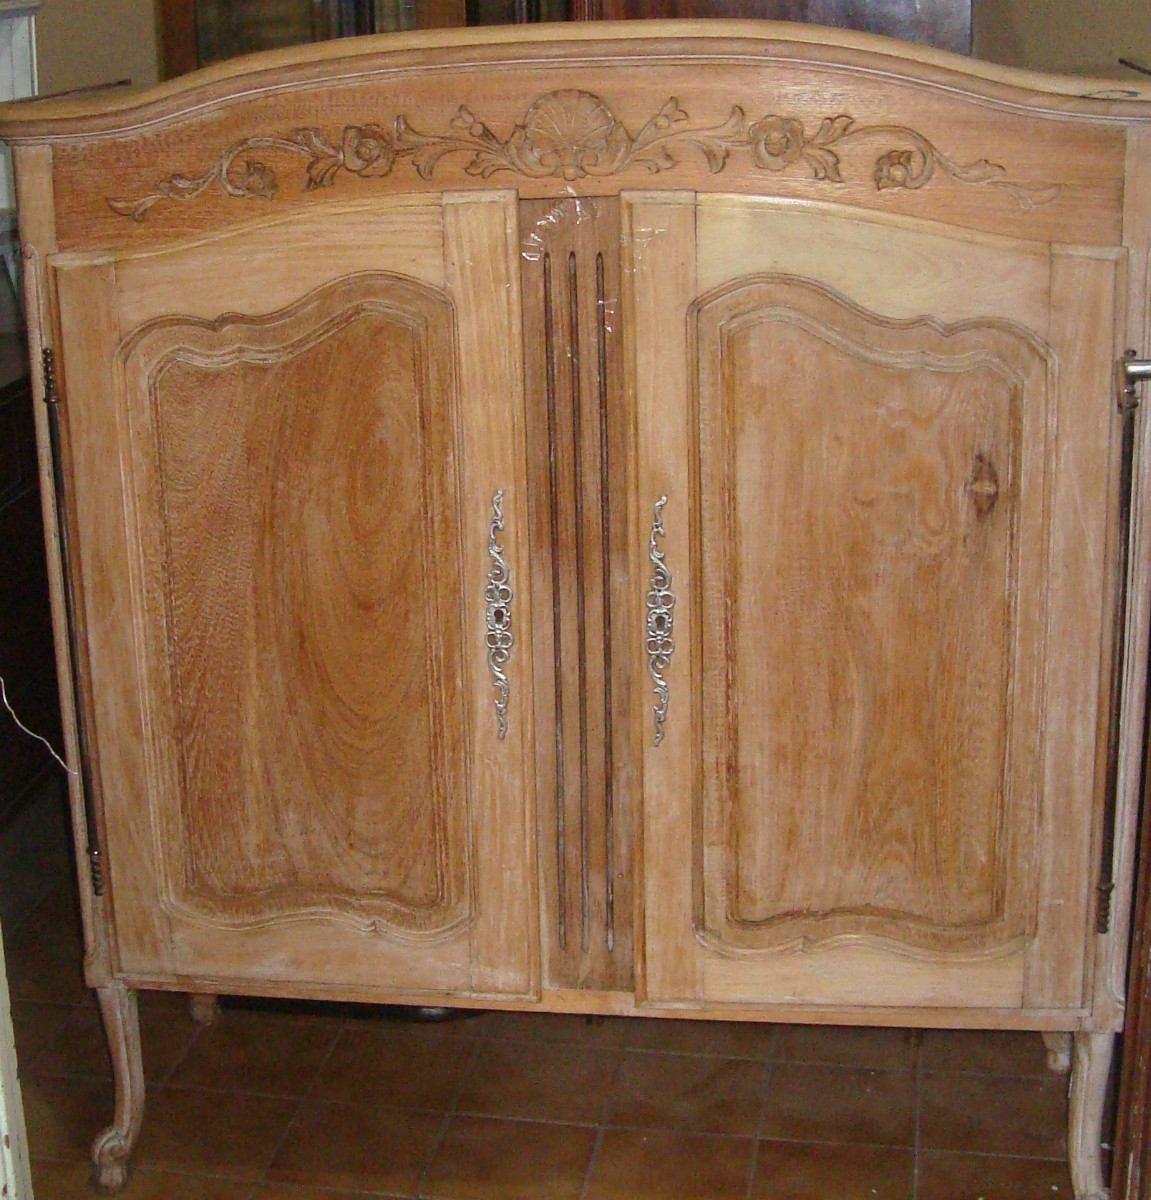 Muebles Estilo Provenzal Mueble Comedor Estilo Provenzal Foto  # Muebles Efecto Lavado